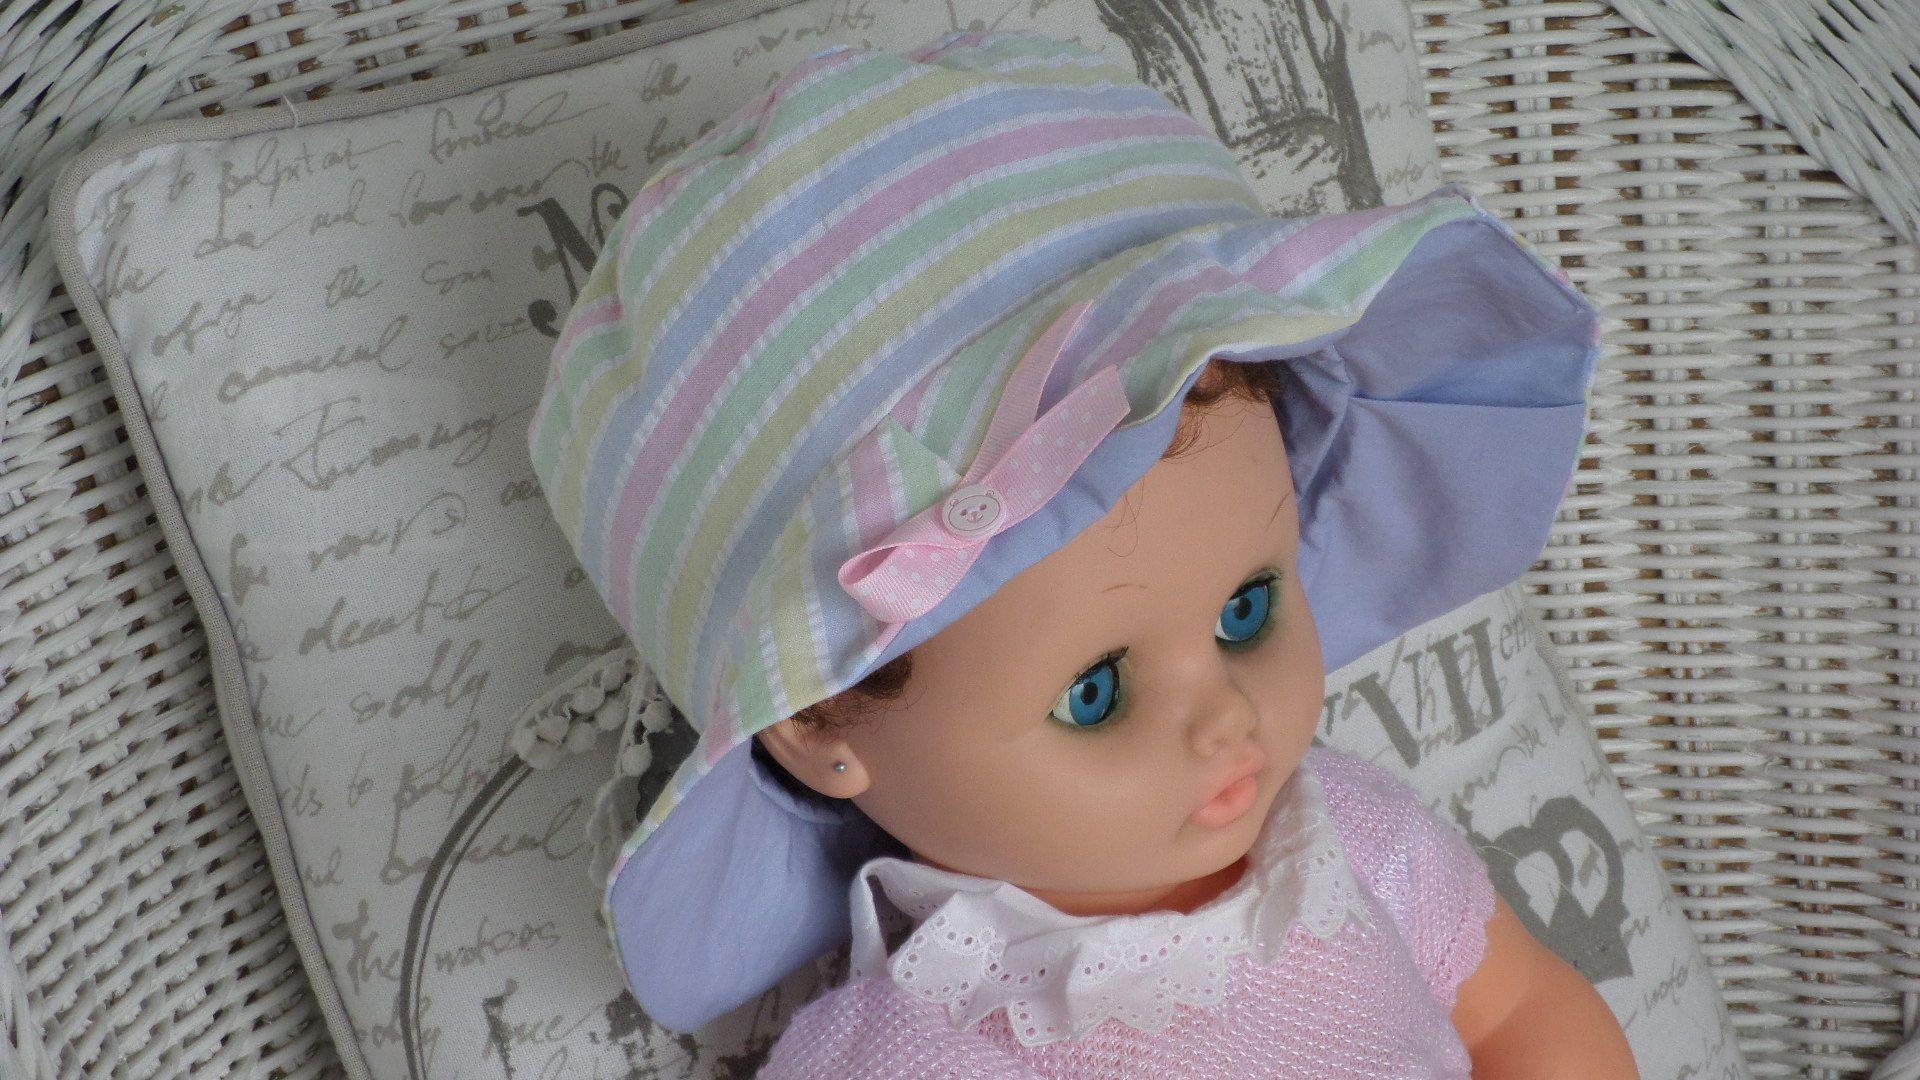 bb2e678abdd0 Chapeau Rose · Coton Imprimé · Collection Printemps · Anniversaire · Soleil  D été · Voici ce que je viens d ajouter dans ma boutique  etsy   chapeau de